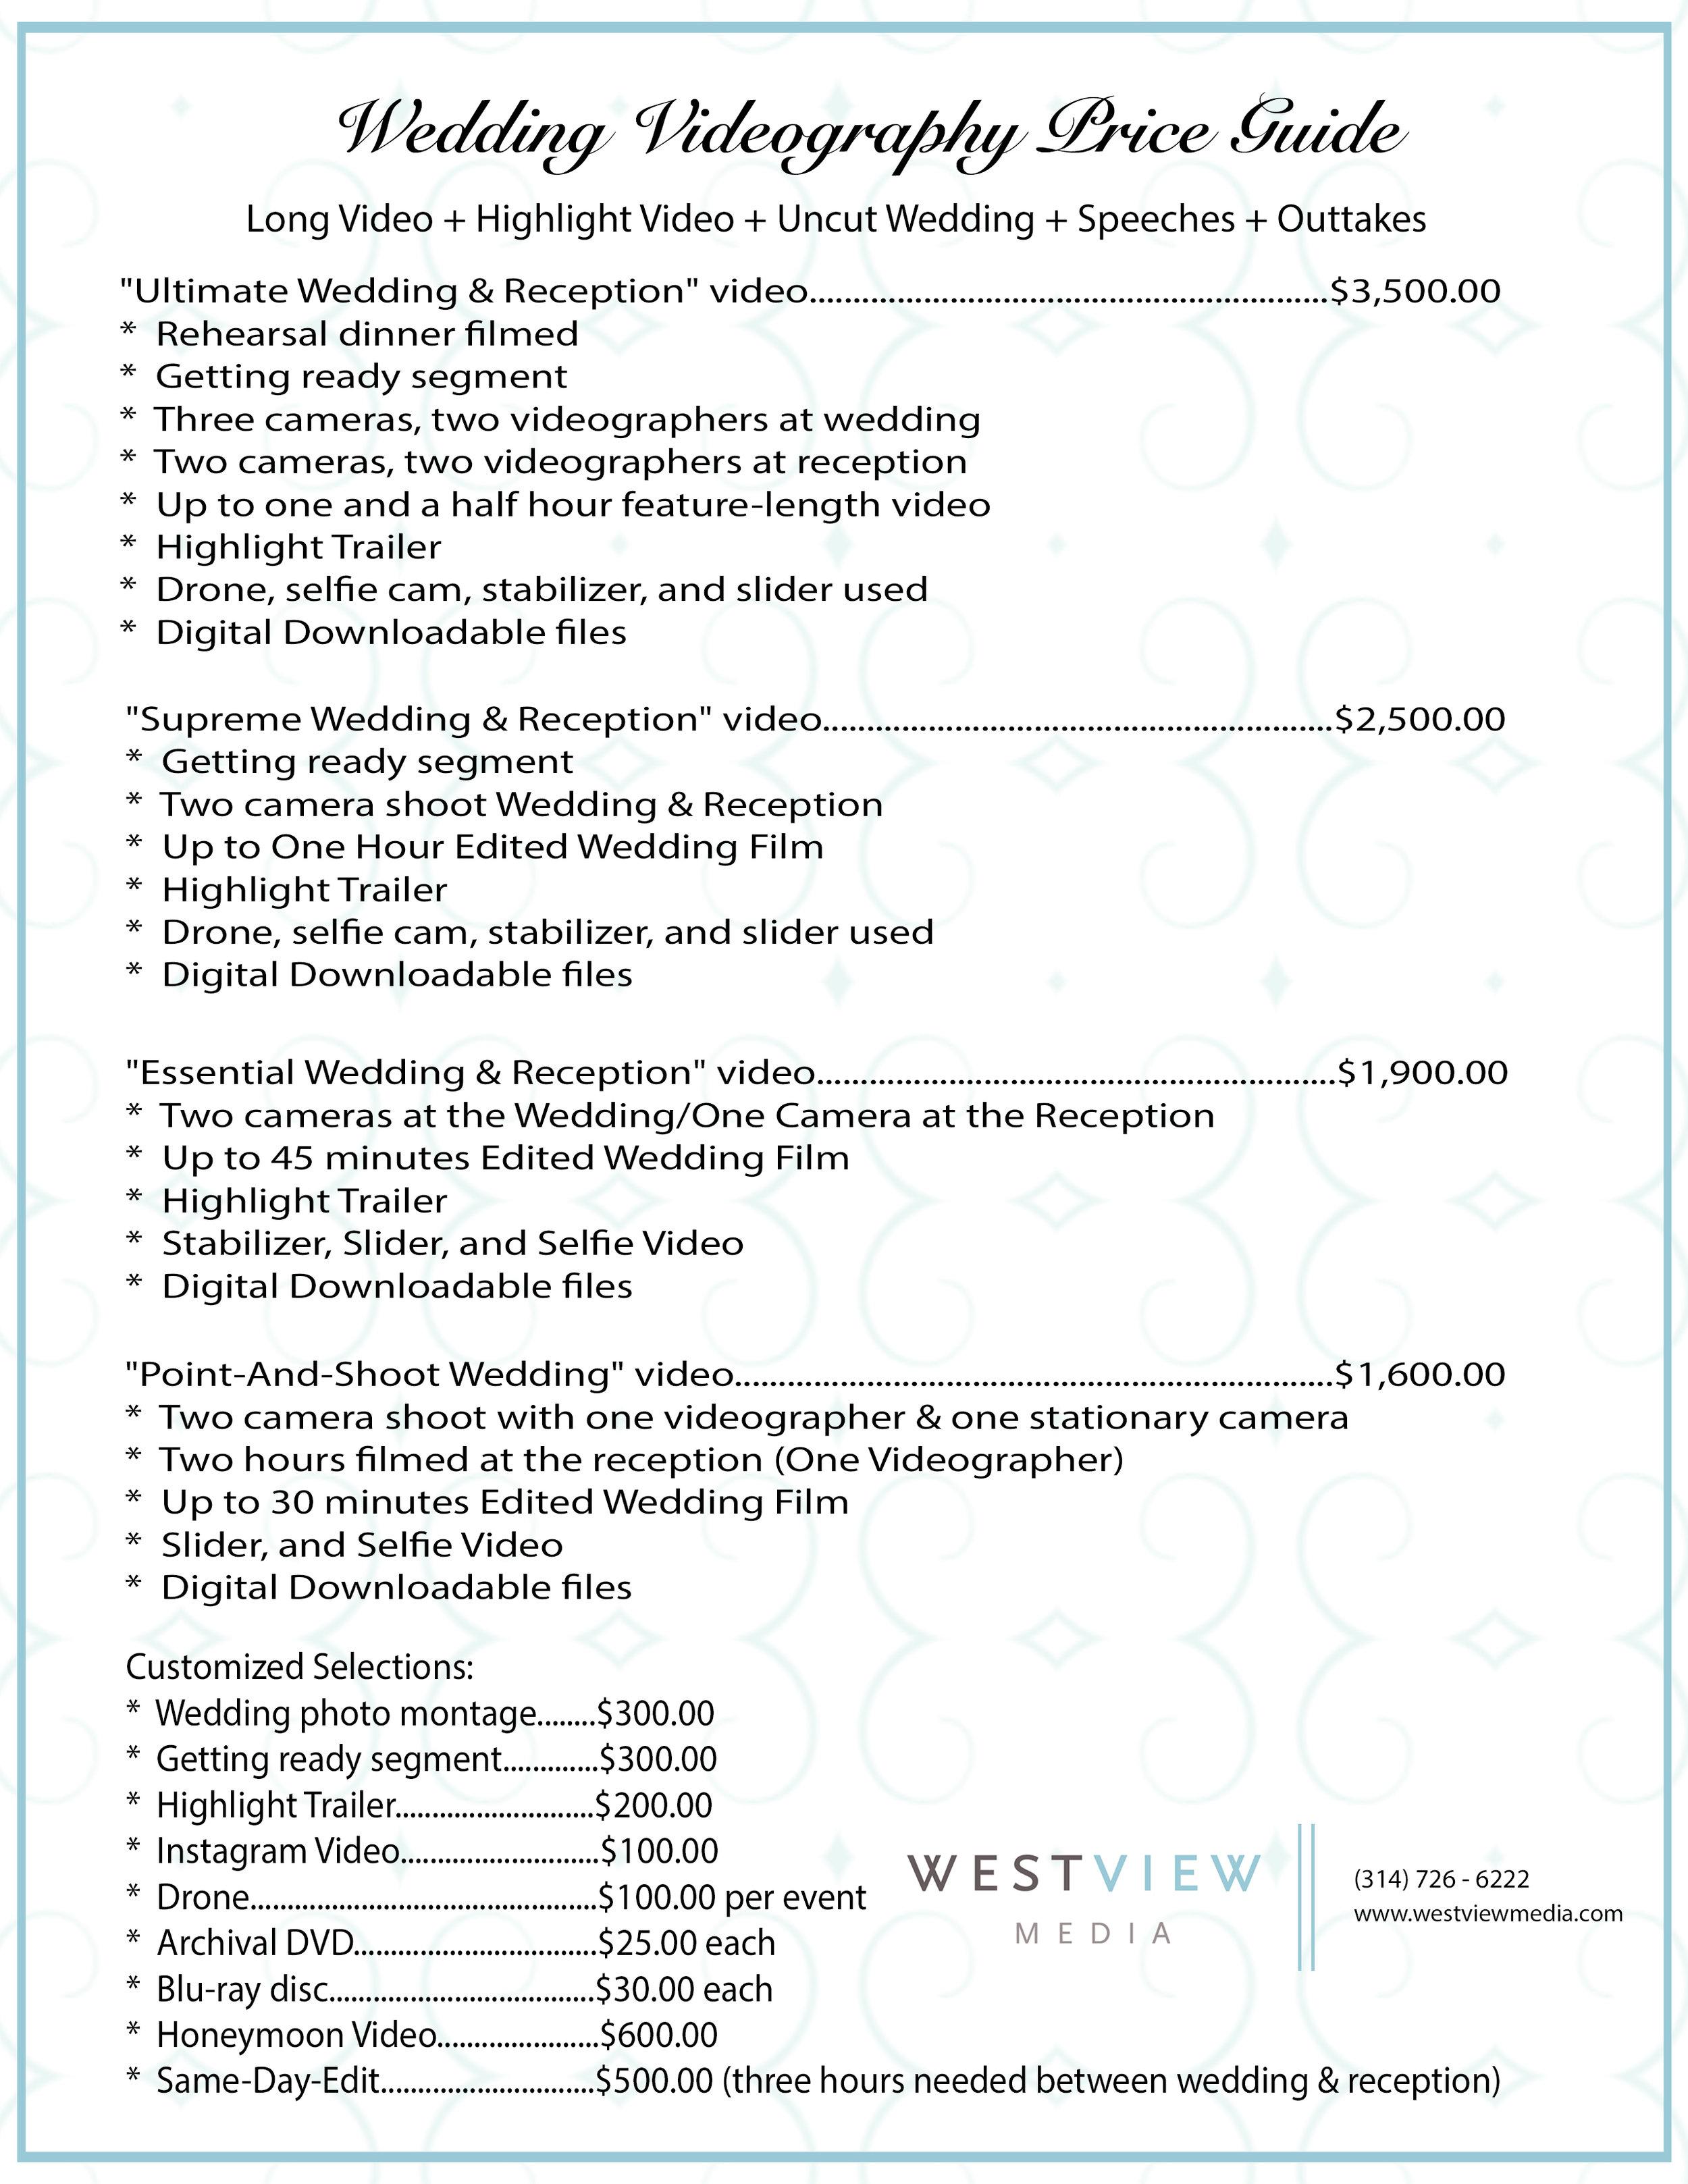 Westview Media Price Guide 2019 REV.jpg